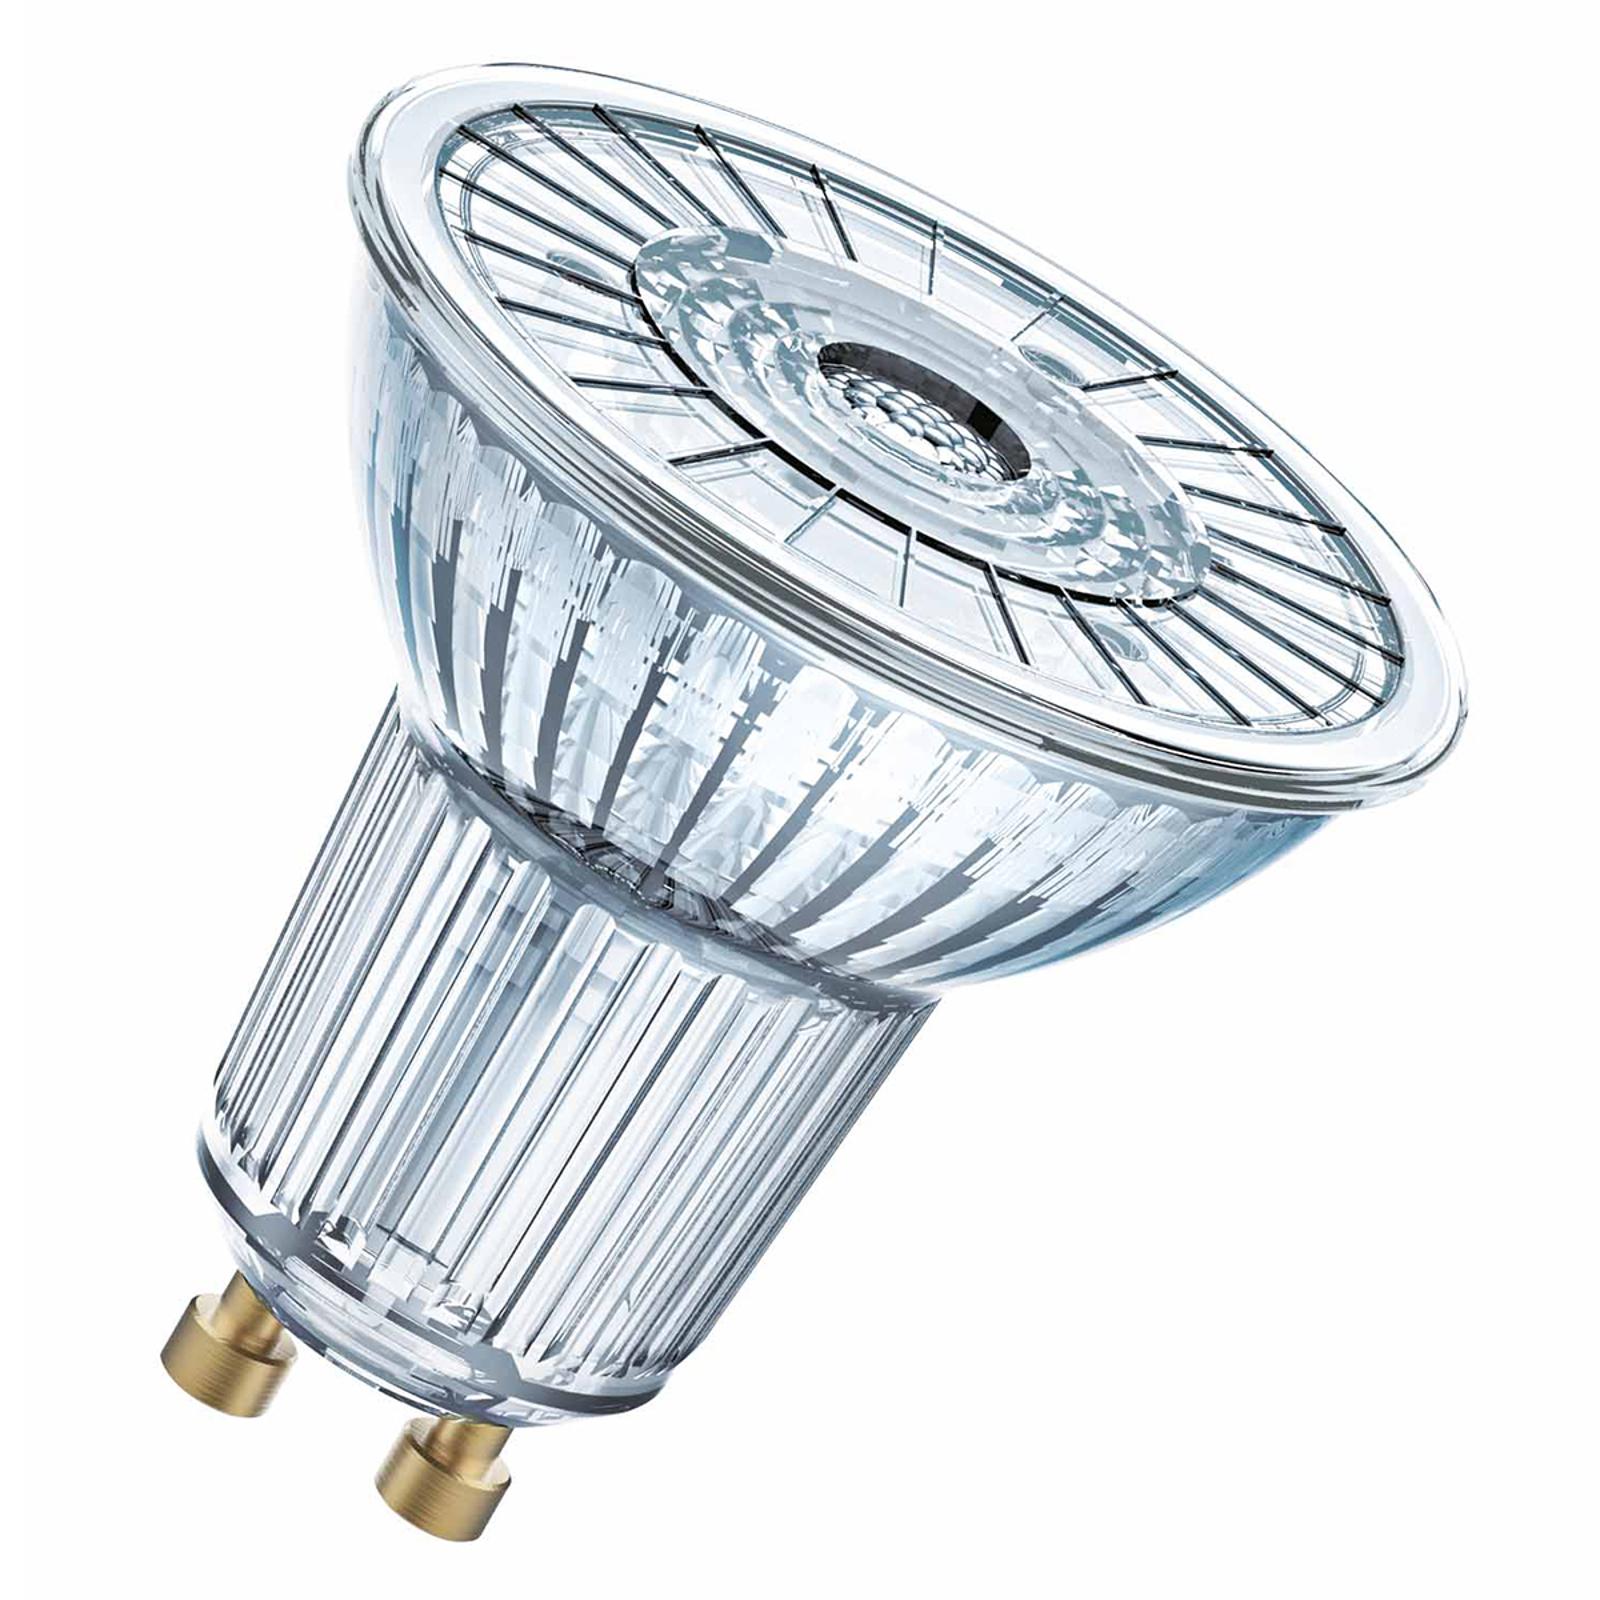 OSRAM LED-reflektor Star GU10 2,6 W varmvit 36°